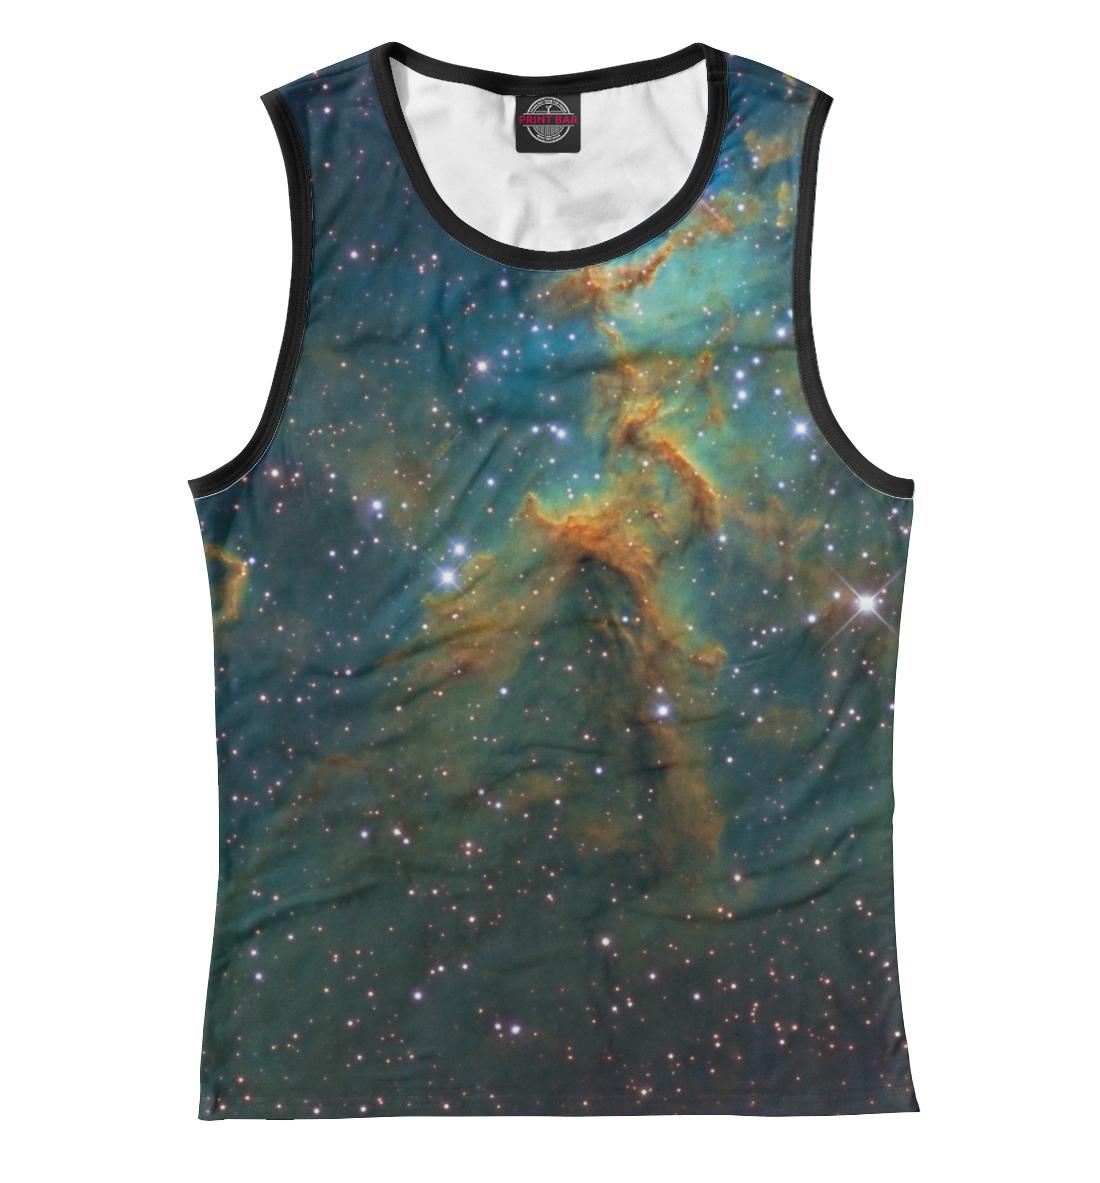 Купить Космос, ты просто космос, Printbar, Майки, SPA-624746-may-1